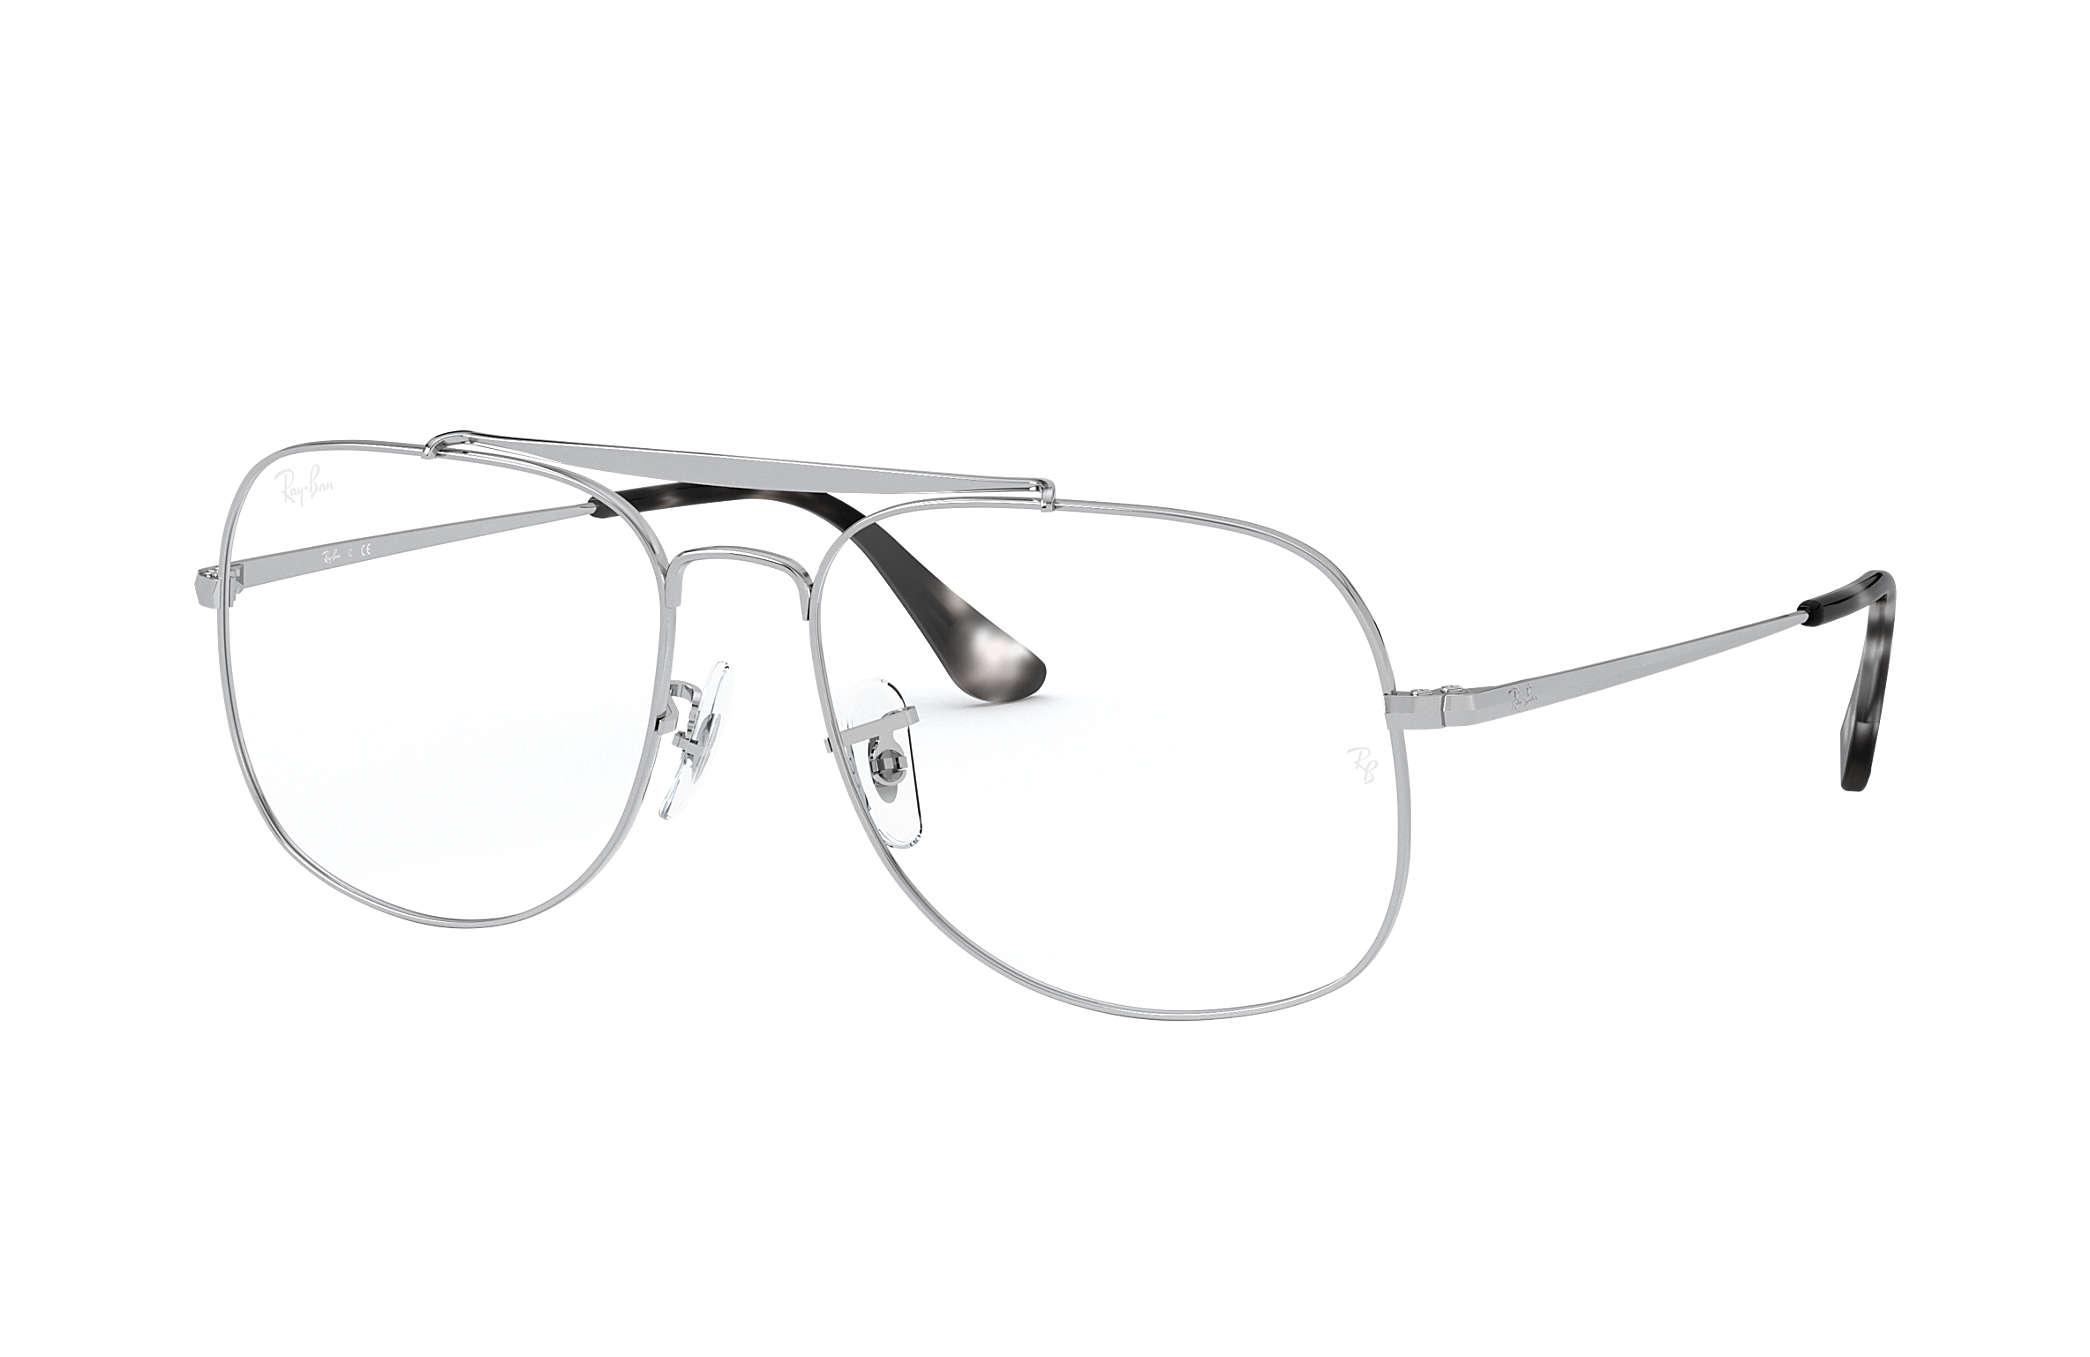 Ray-Ban prescription glasses General Optics RB6389 Silver - Metal ...